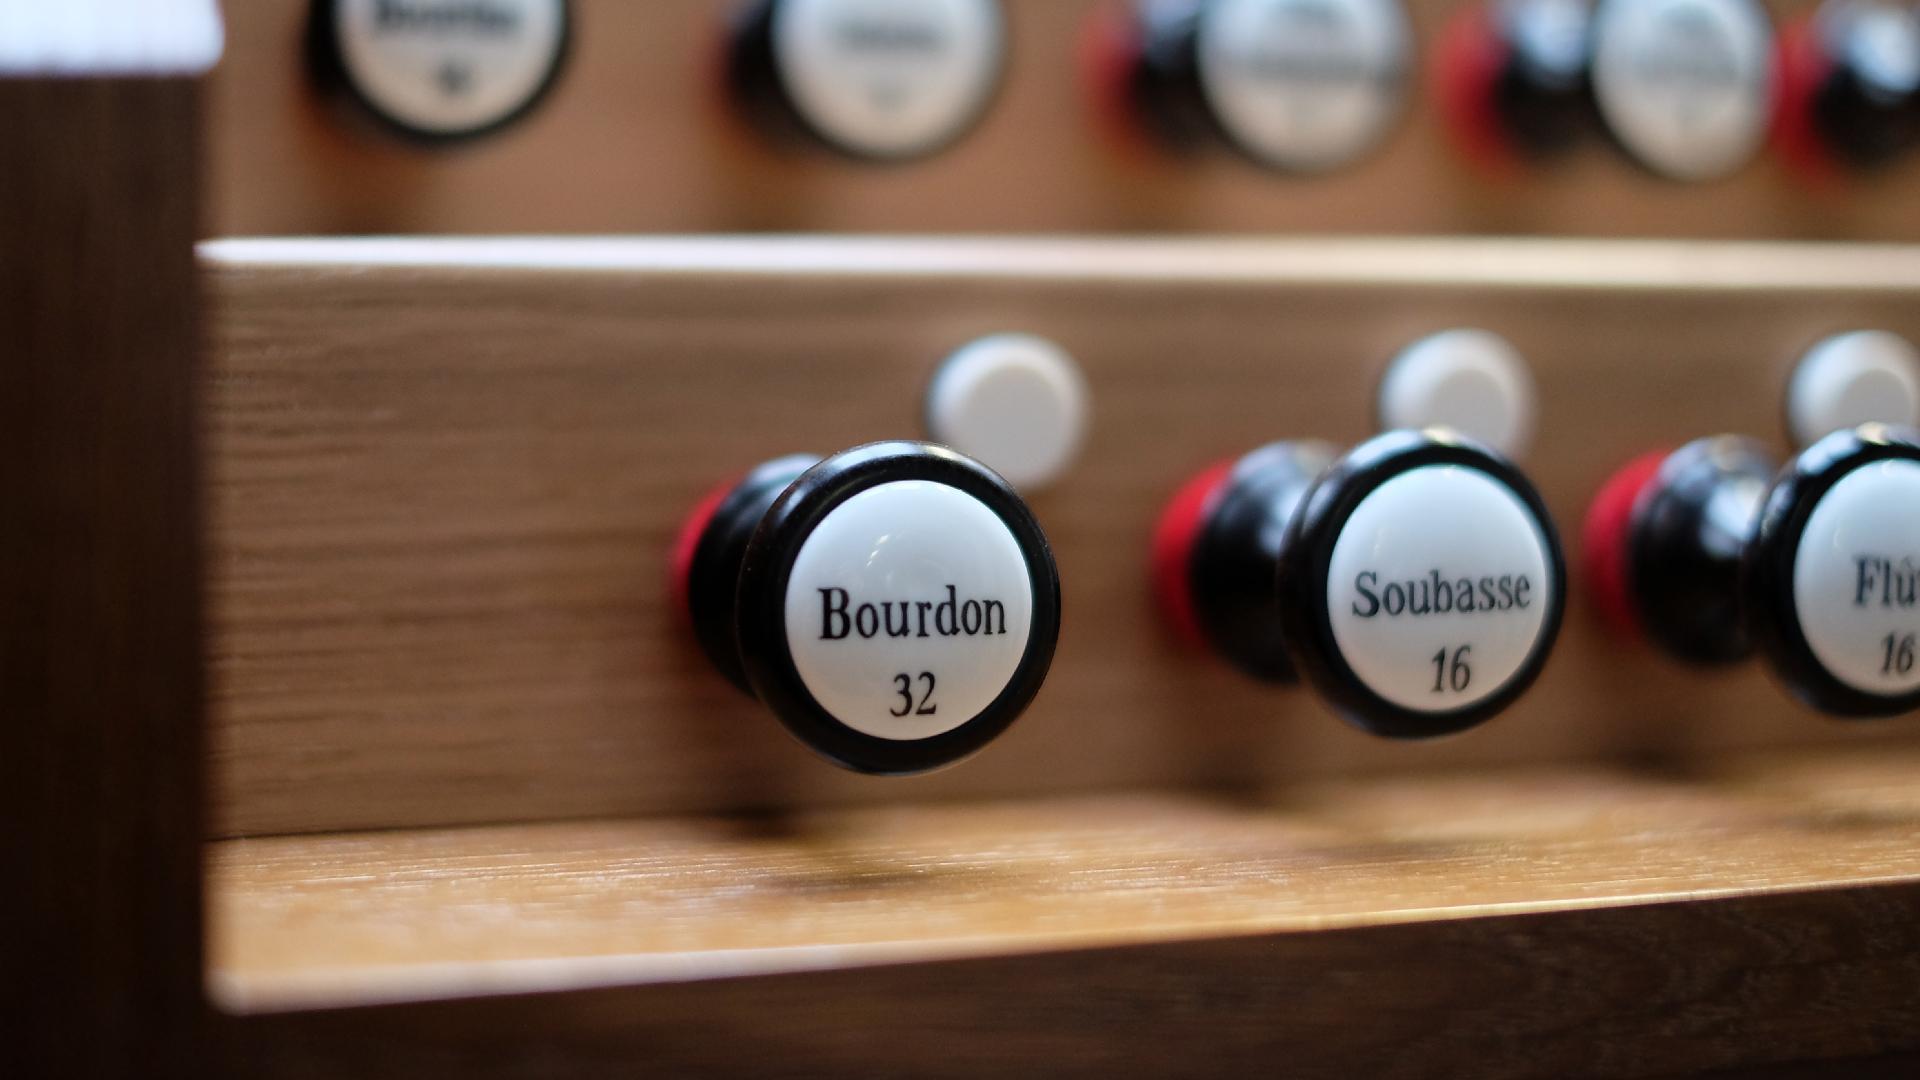 Bourdon 32' Manubrium Spieltisch Lüdenscheid